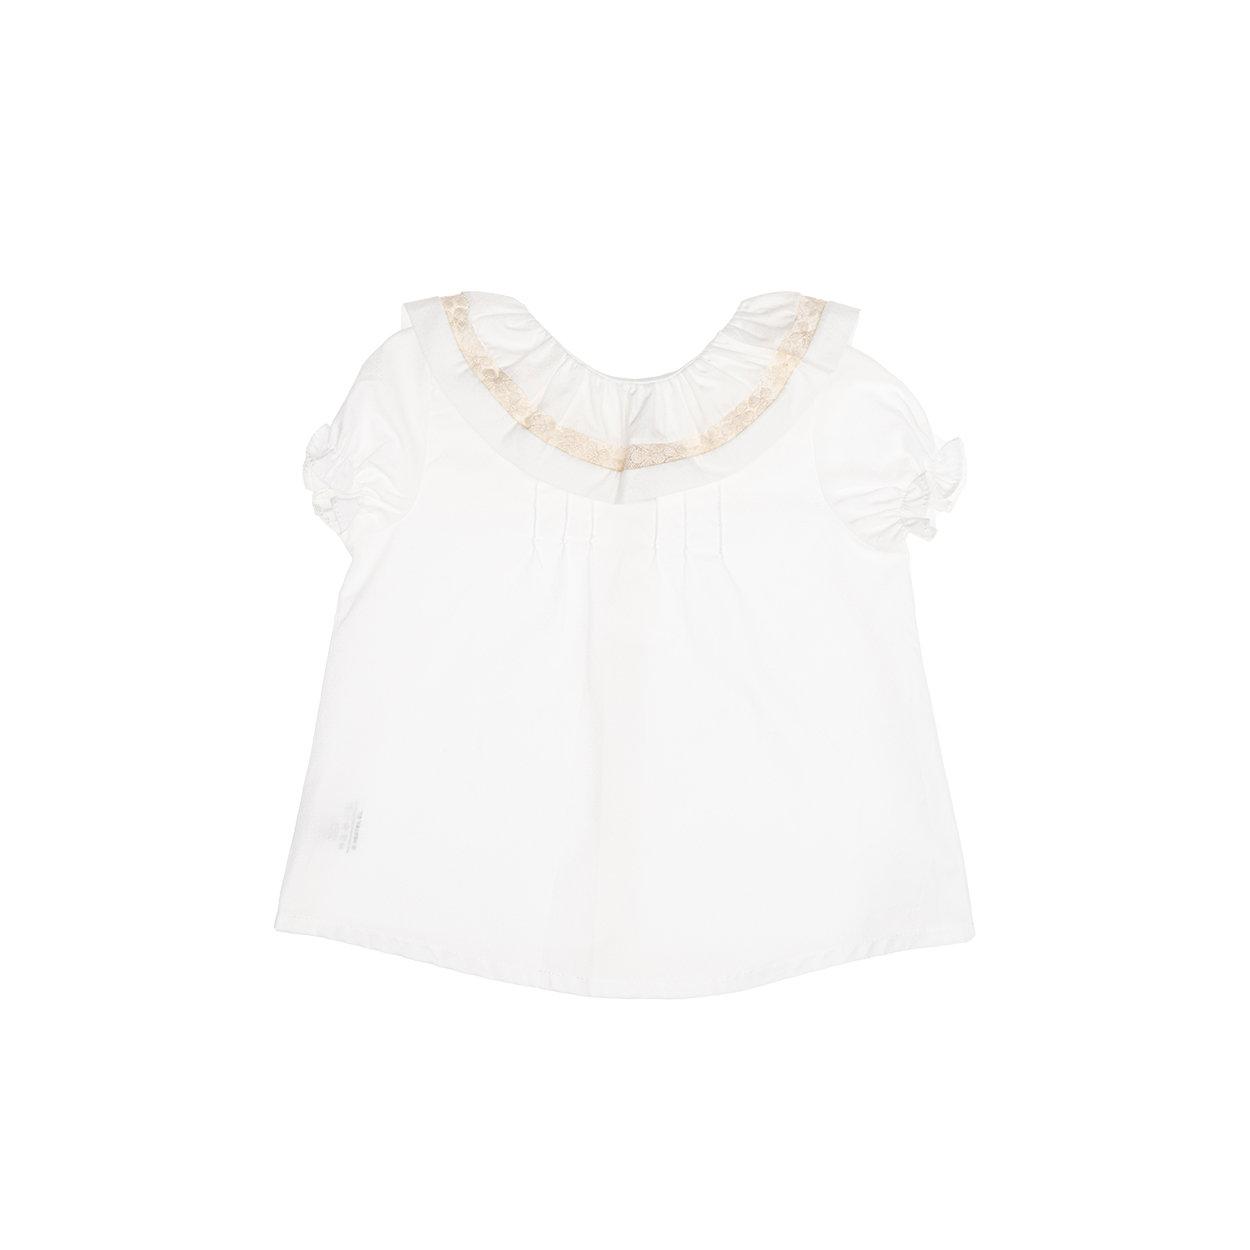 Image of Blusa in cotone bianca con colletto bianca